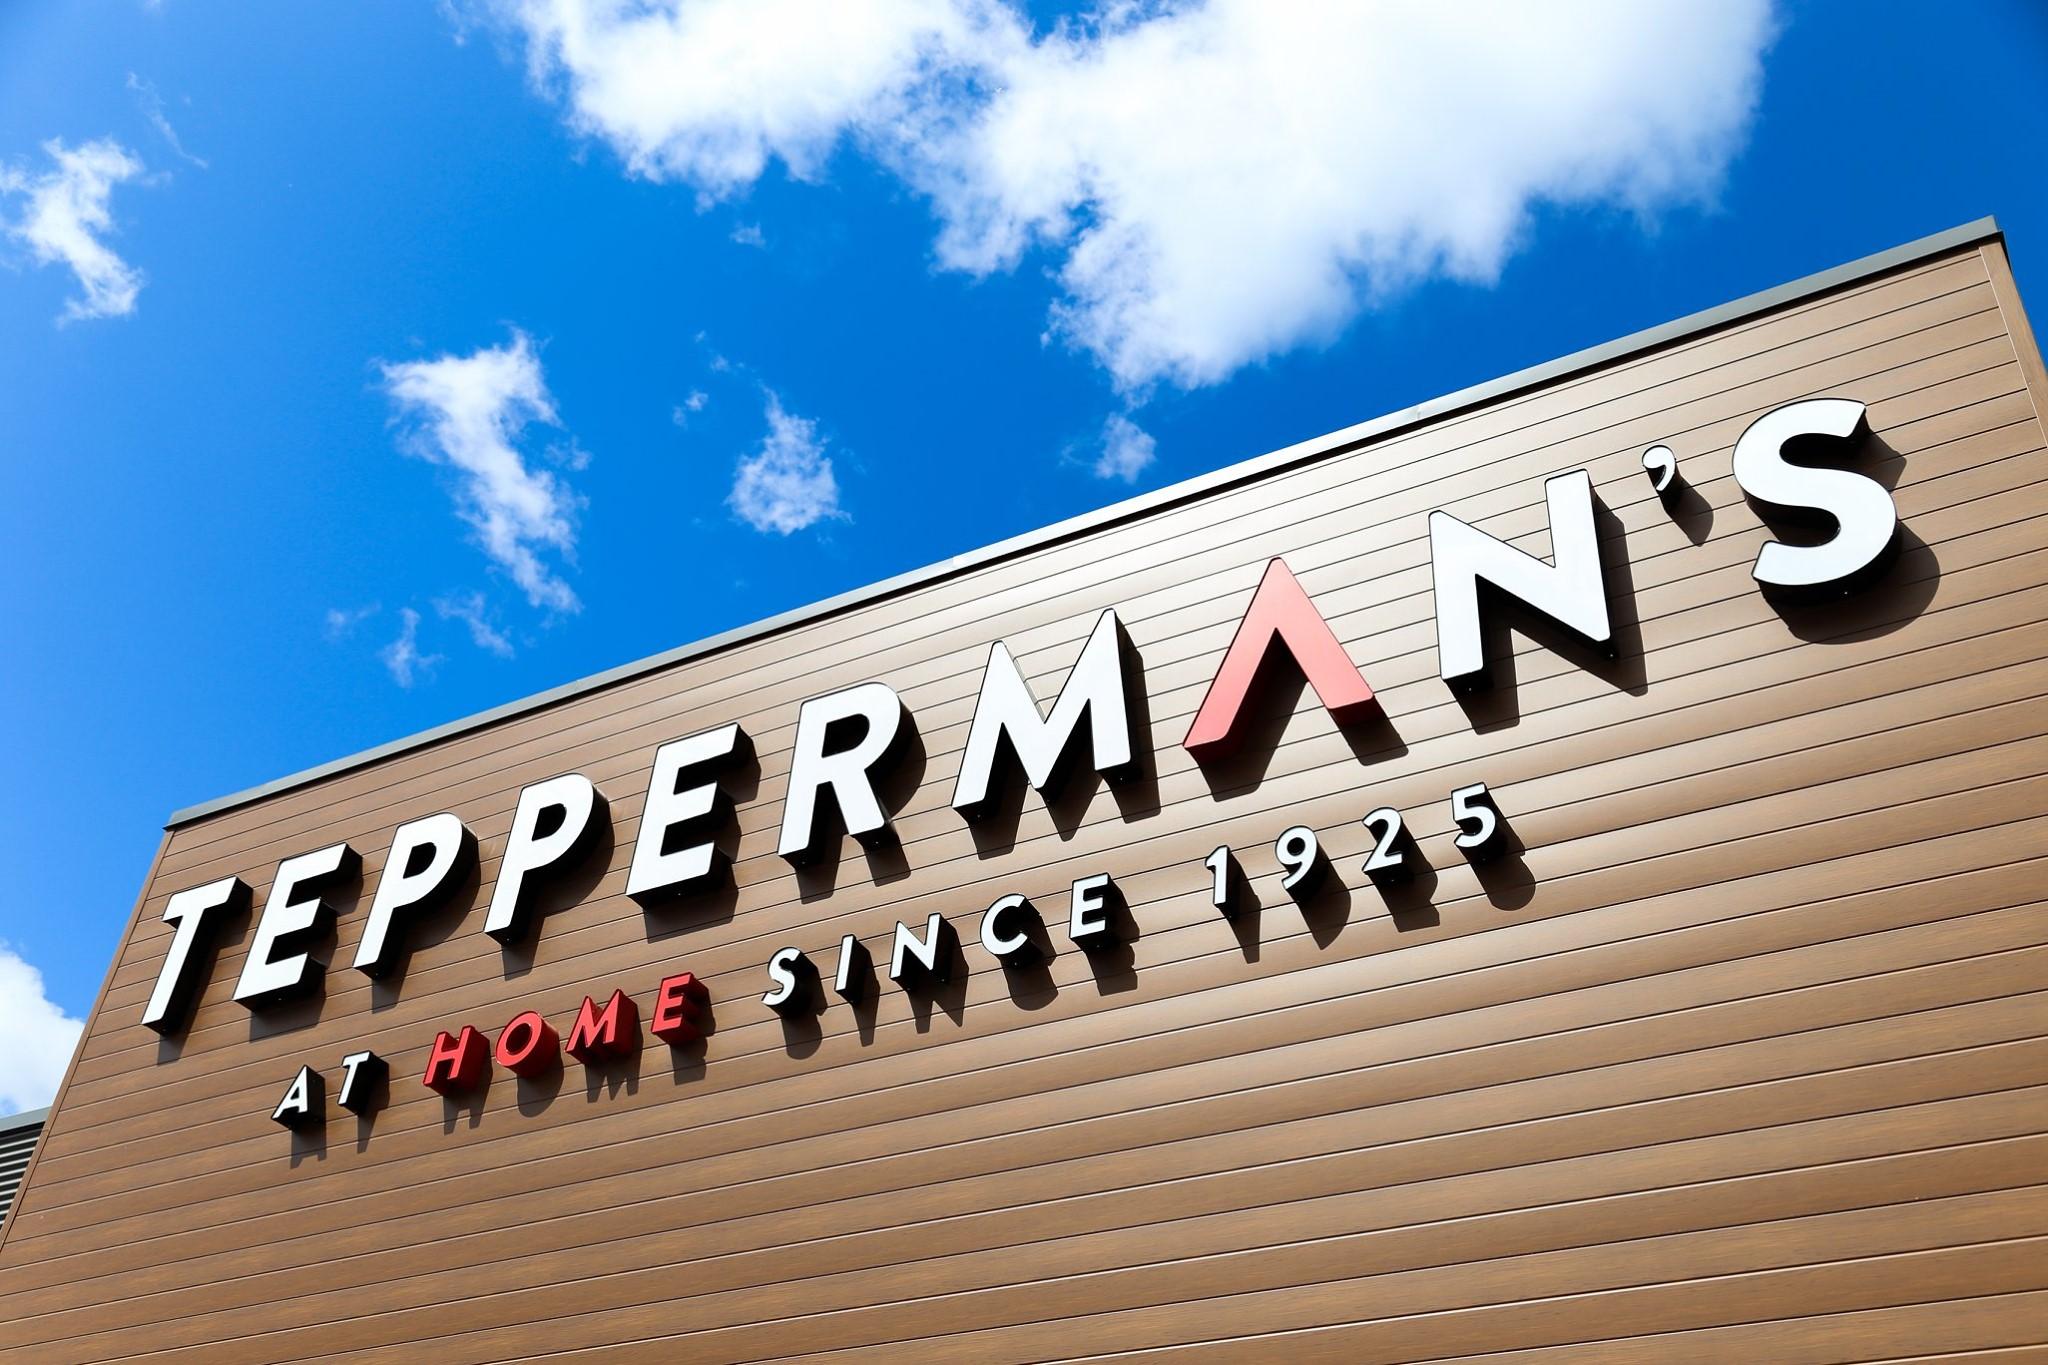 PHOTO: TEPPERMAN'S VIA FACEBOOK